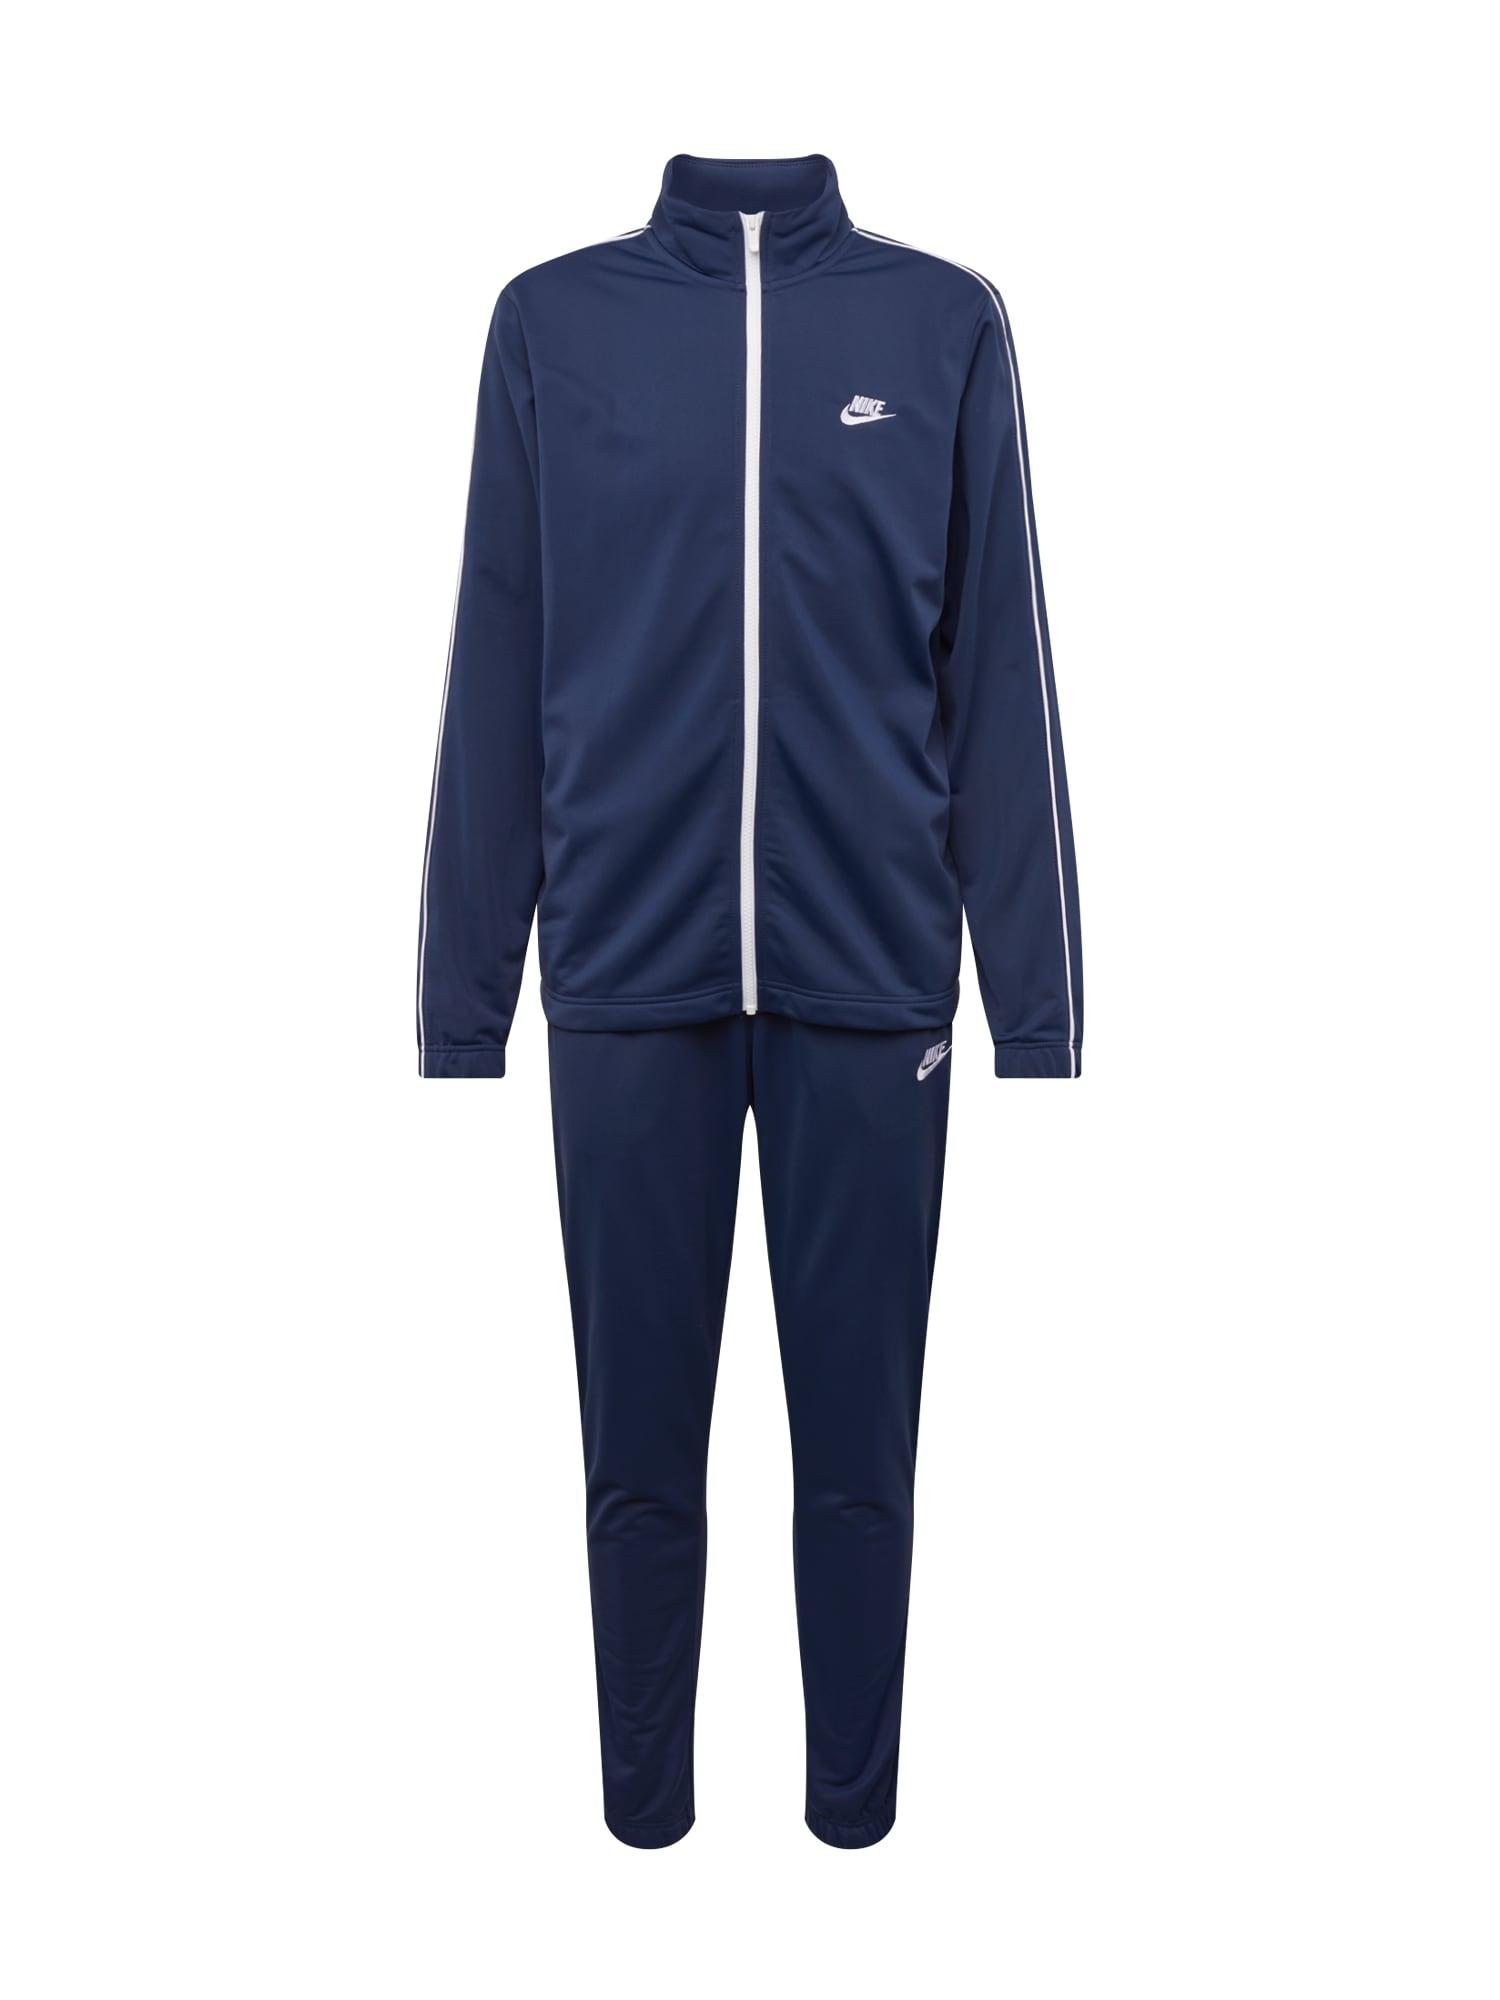 Domácí oblečení M NSW CE TRK SUIT PK BASIC tmavě modrá Nike Sportswear